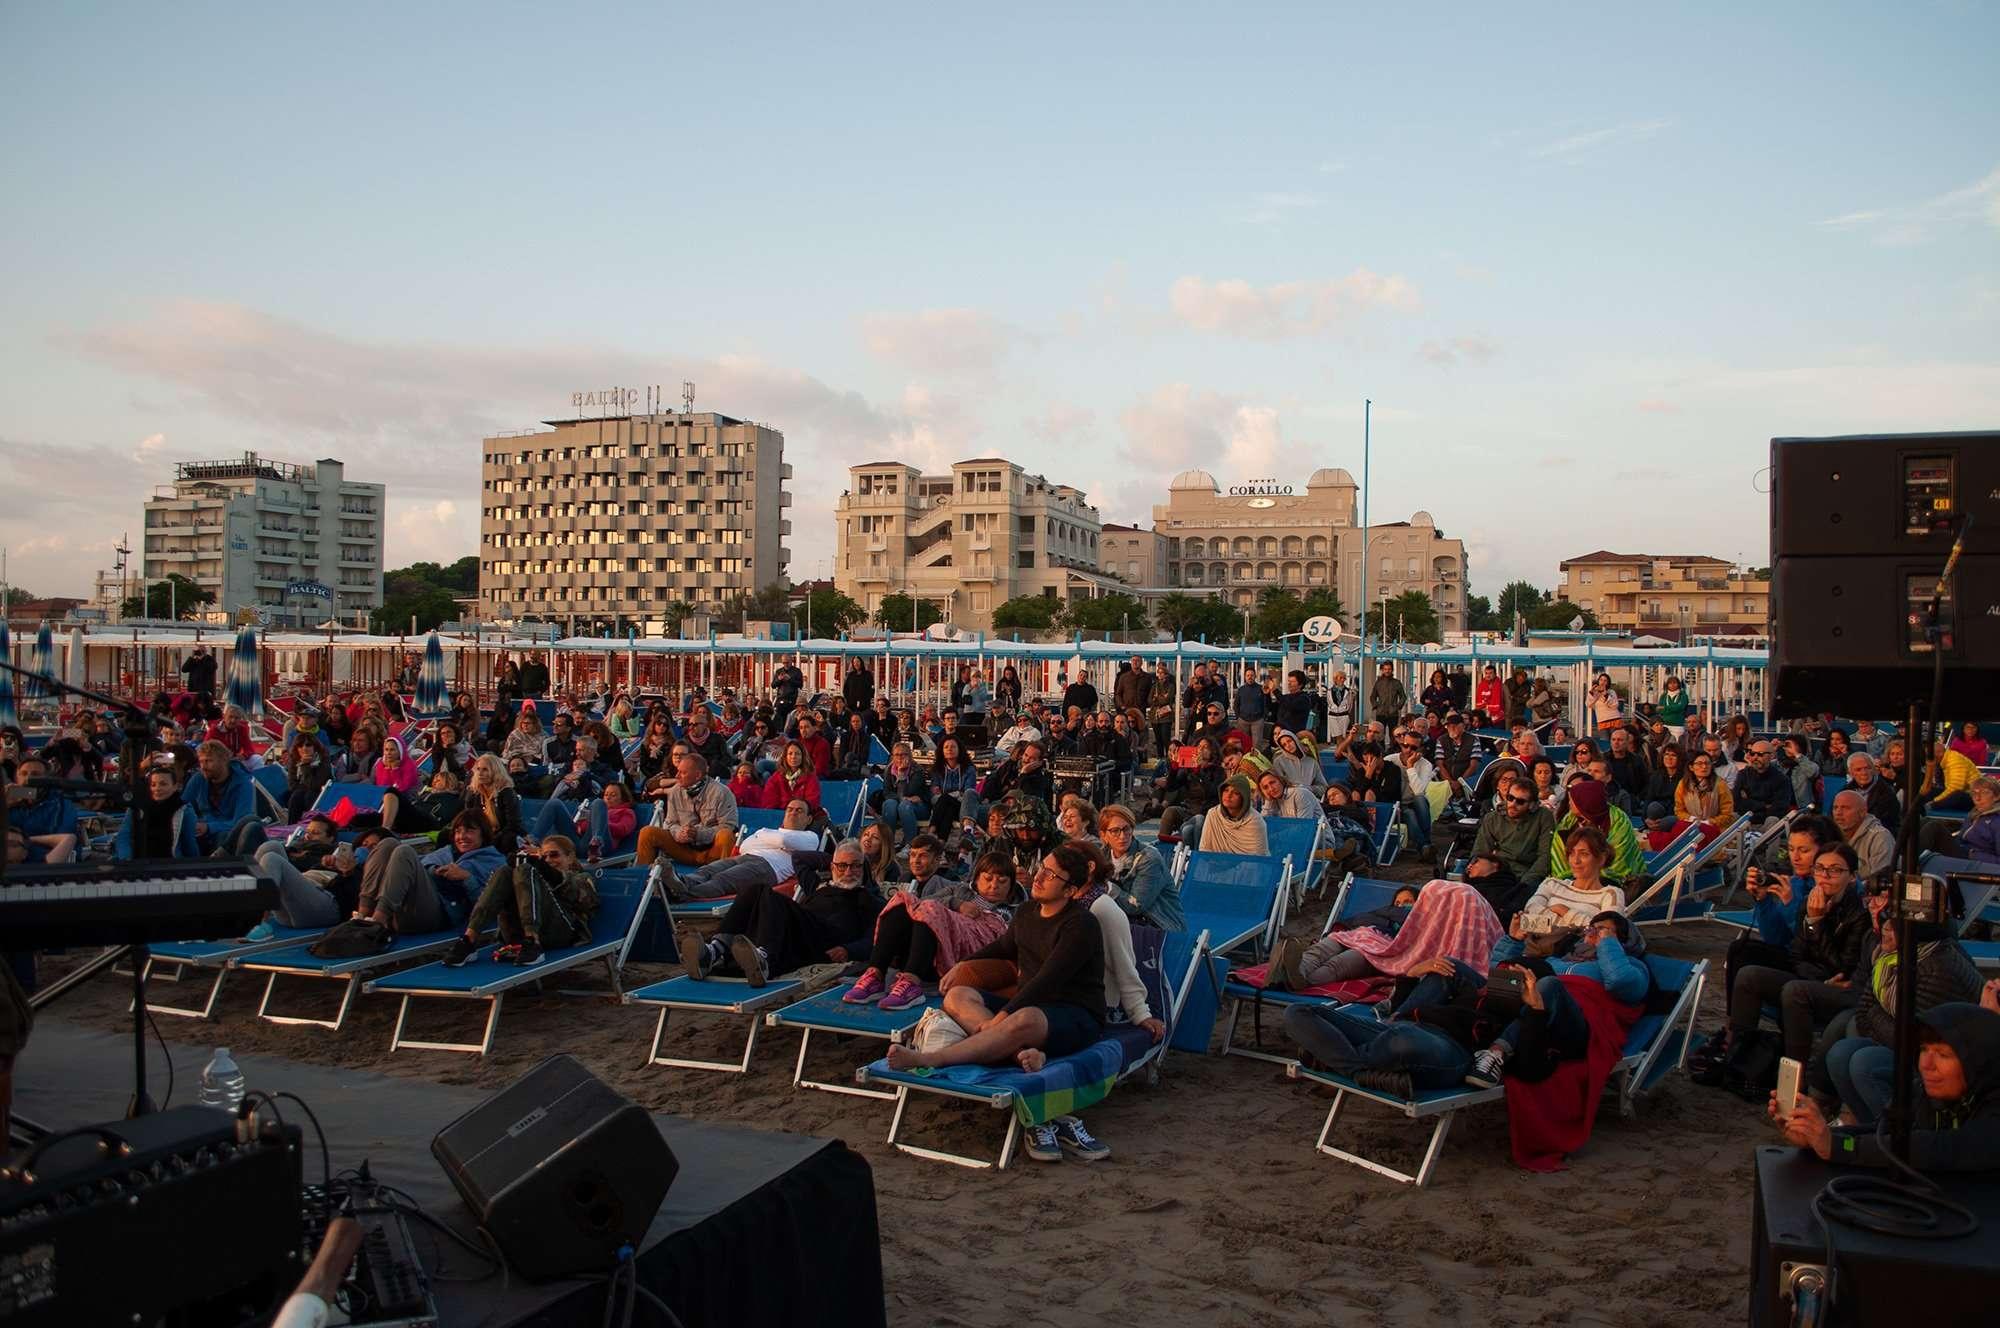 Spiaggia 54 Riccione - Grande presenza di pubblico.